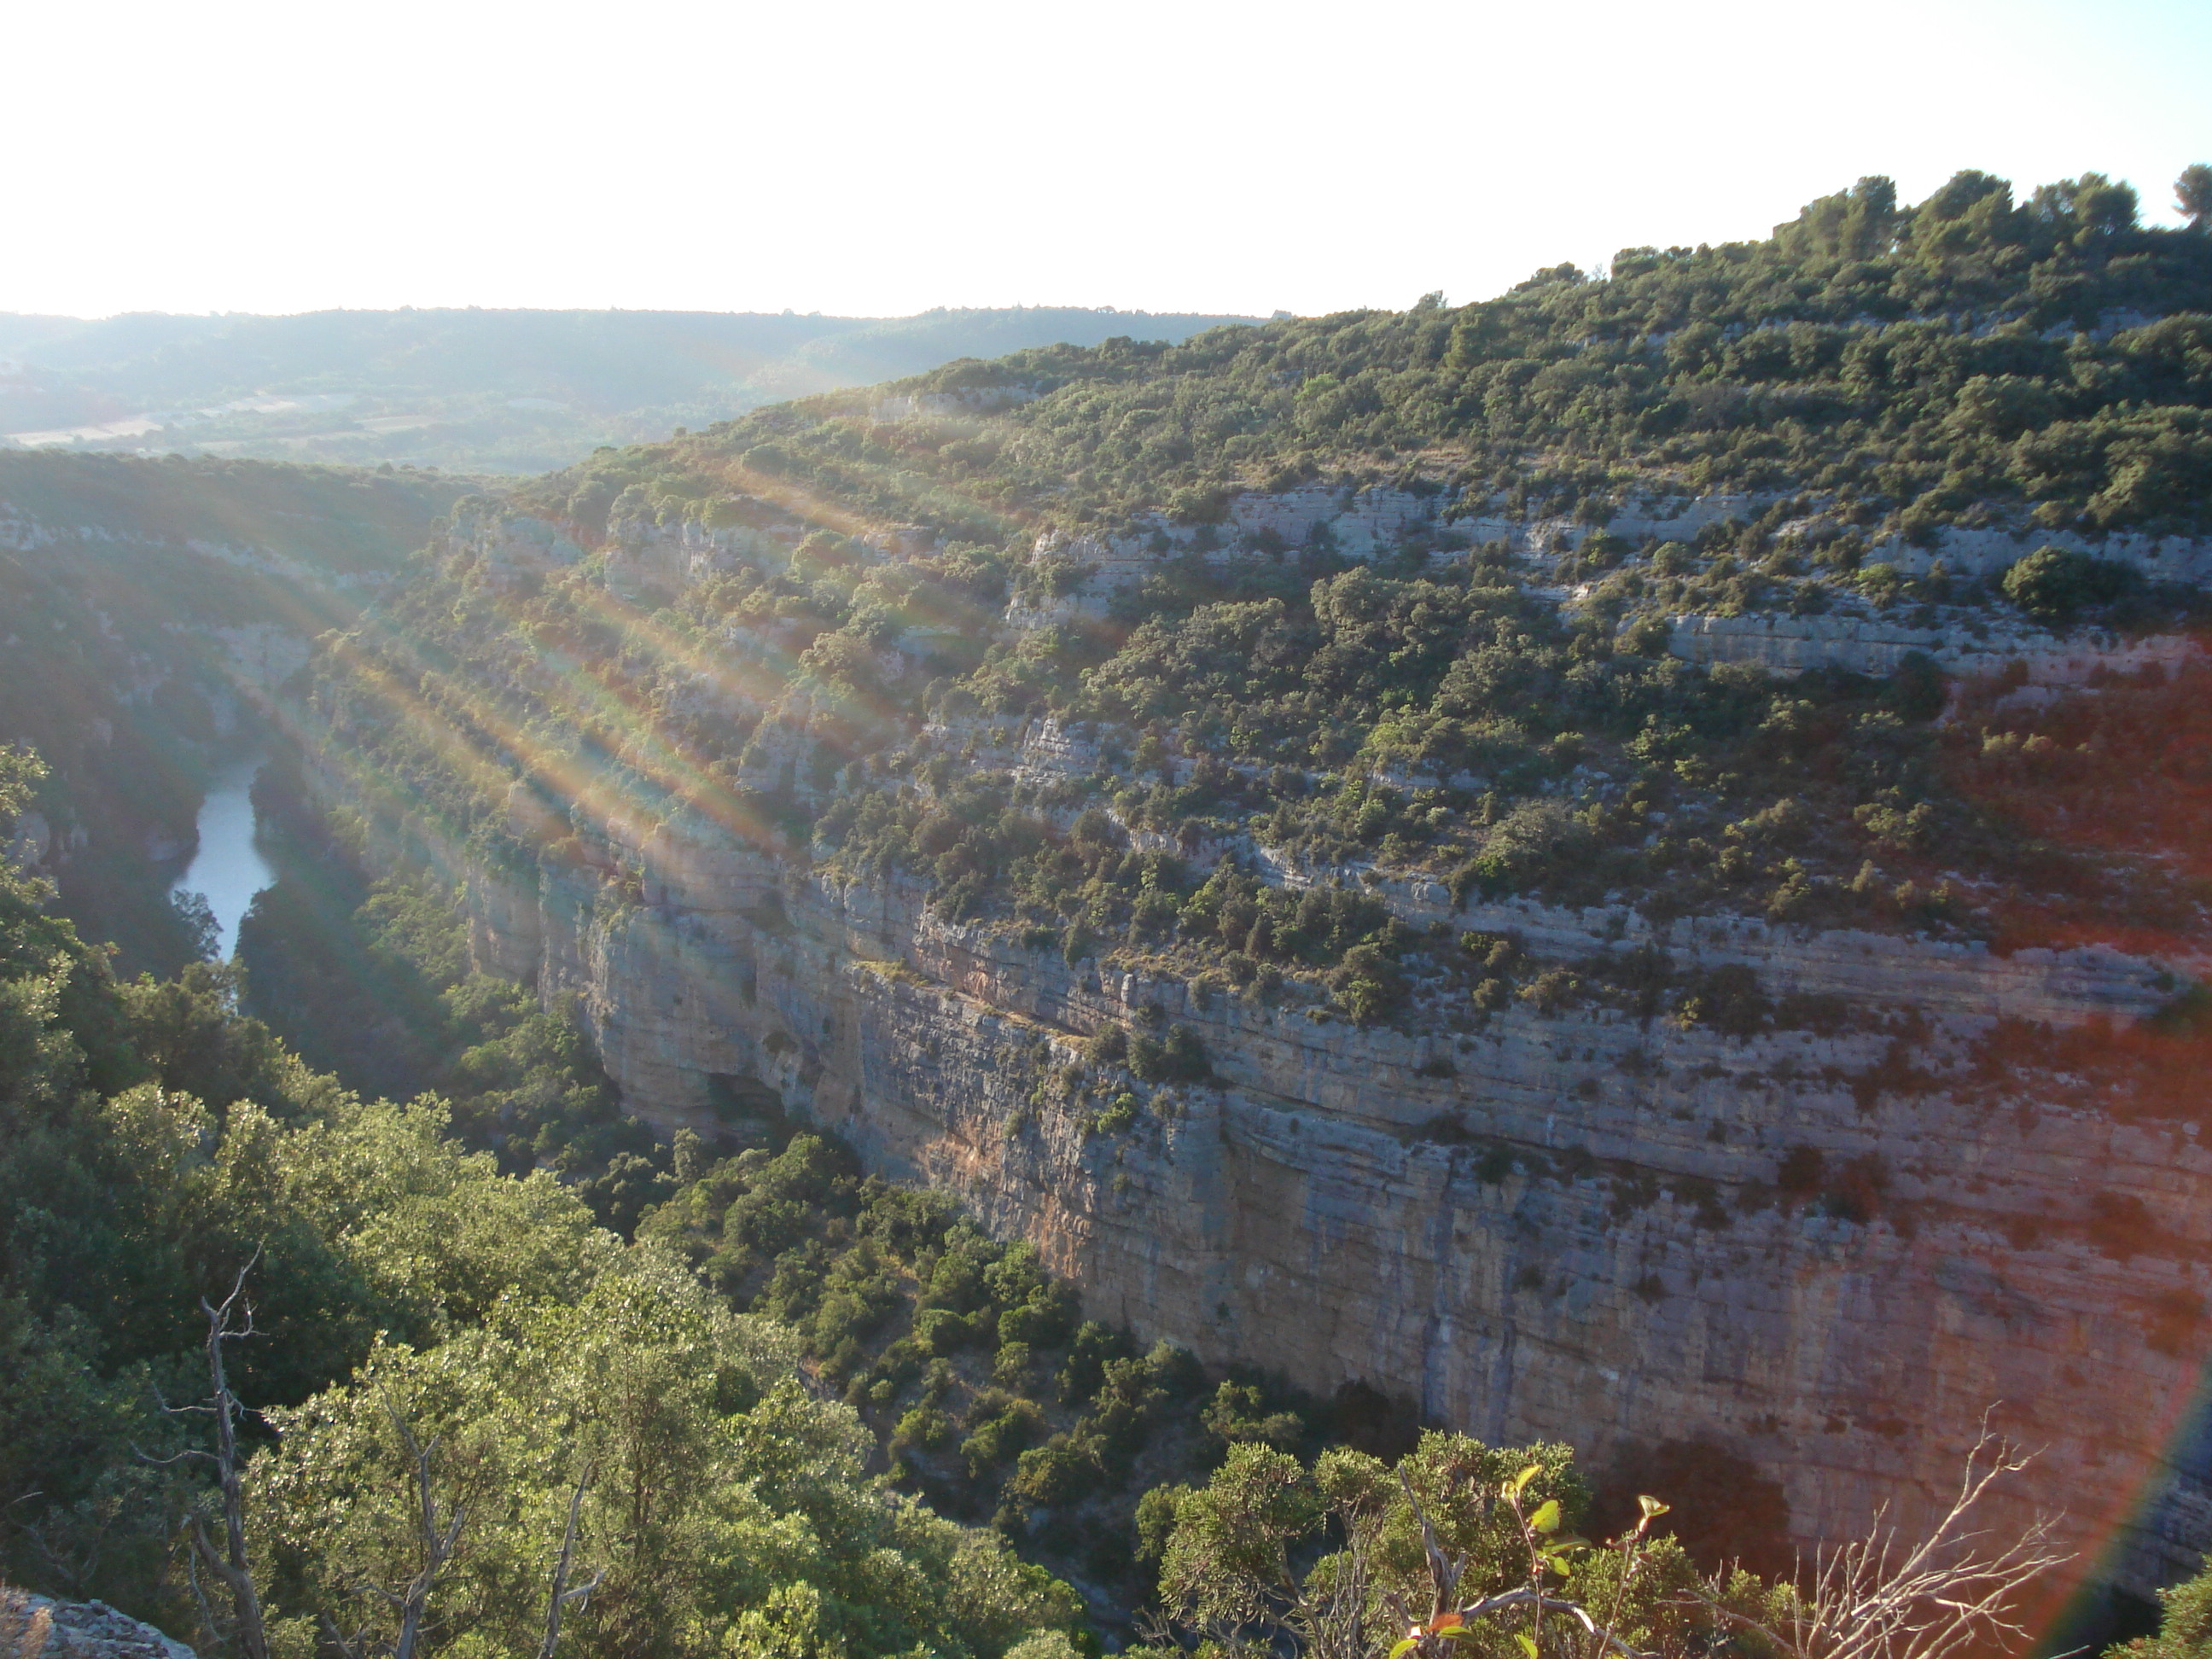 Photo Randonnée pédestre encadrée sur le chemin des basses gorges et du sentier botanique de Baudinard